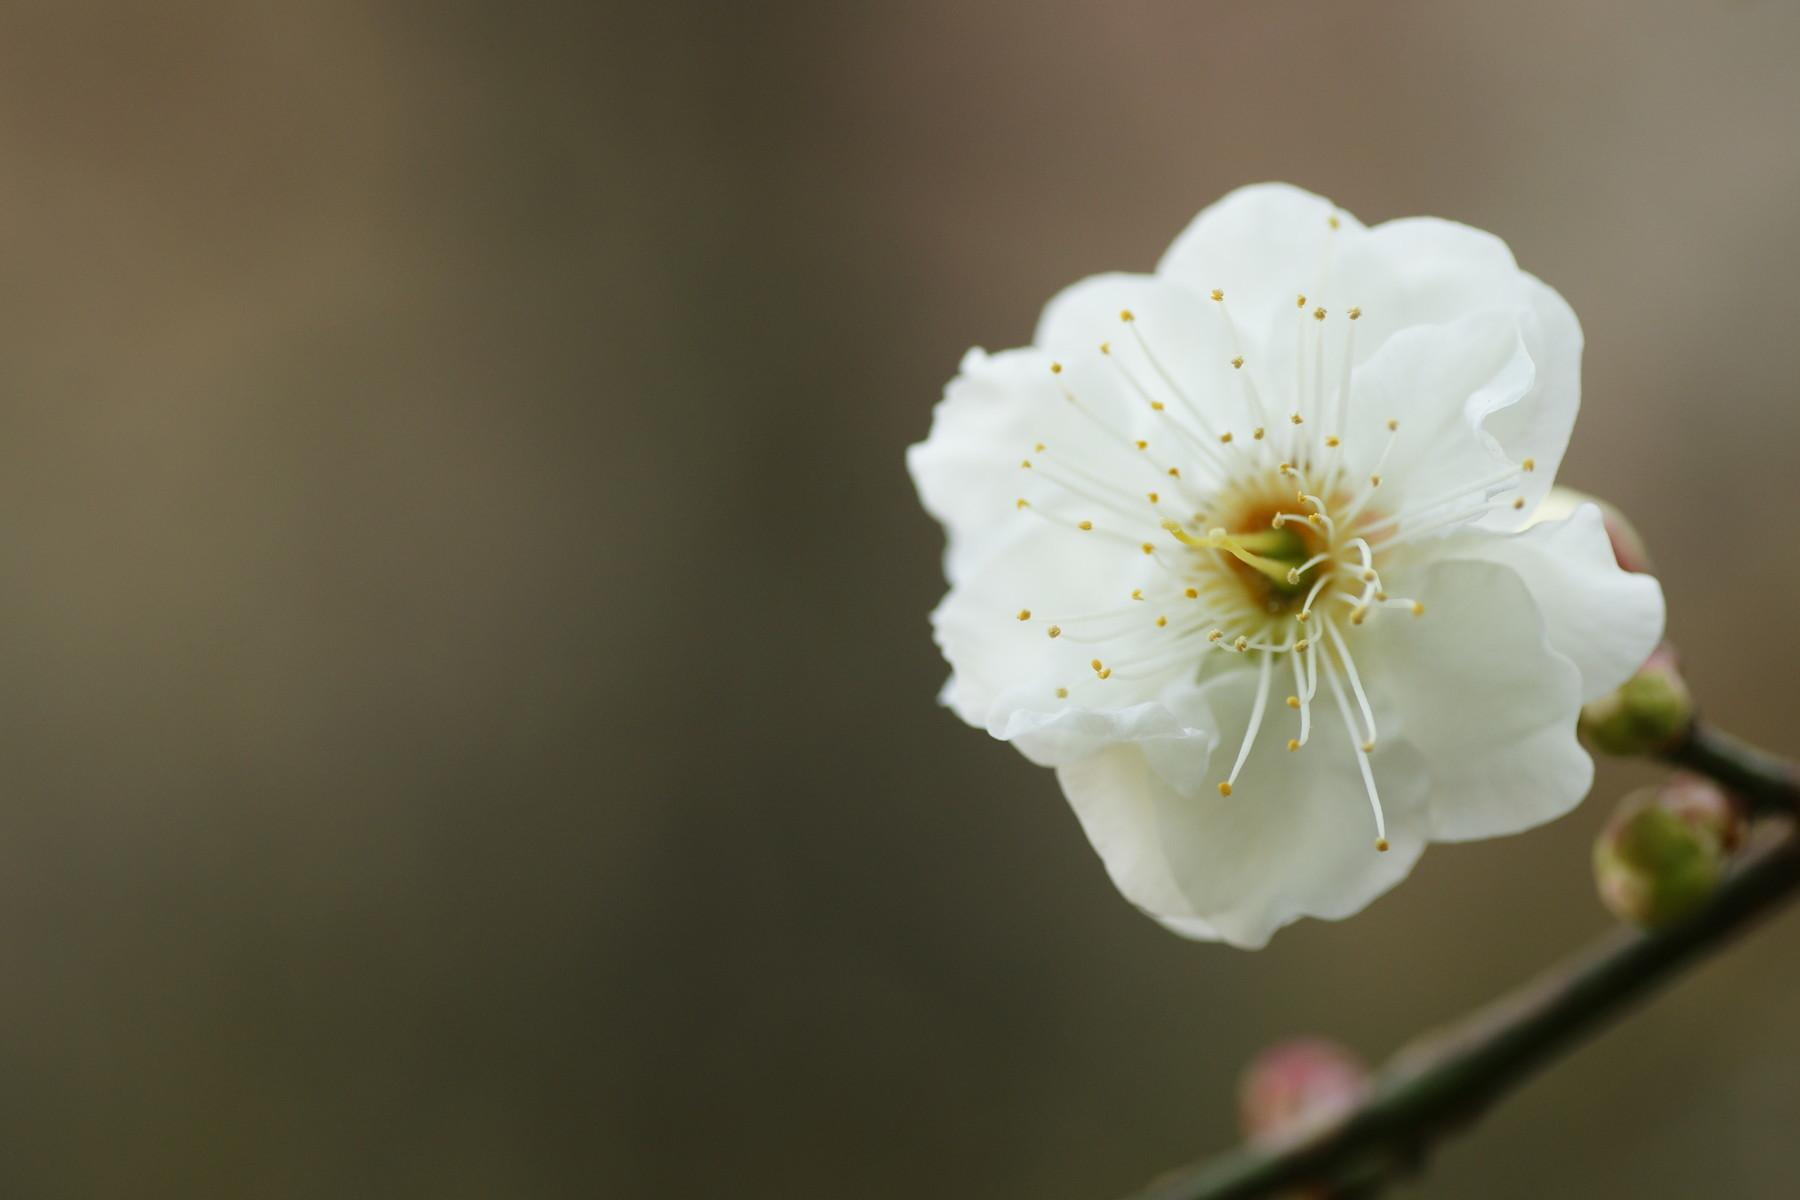 古いカメラとレンズで桜と梅を撮る_f0381792_11270262.jpg